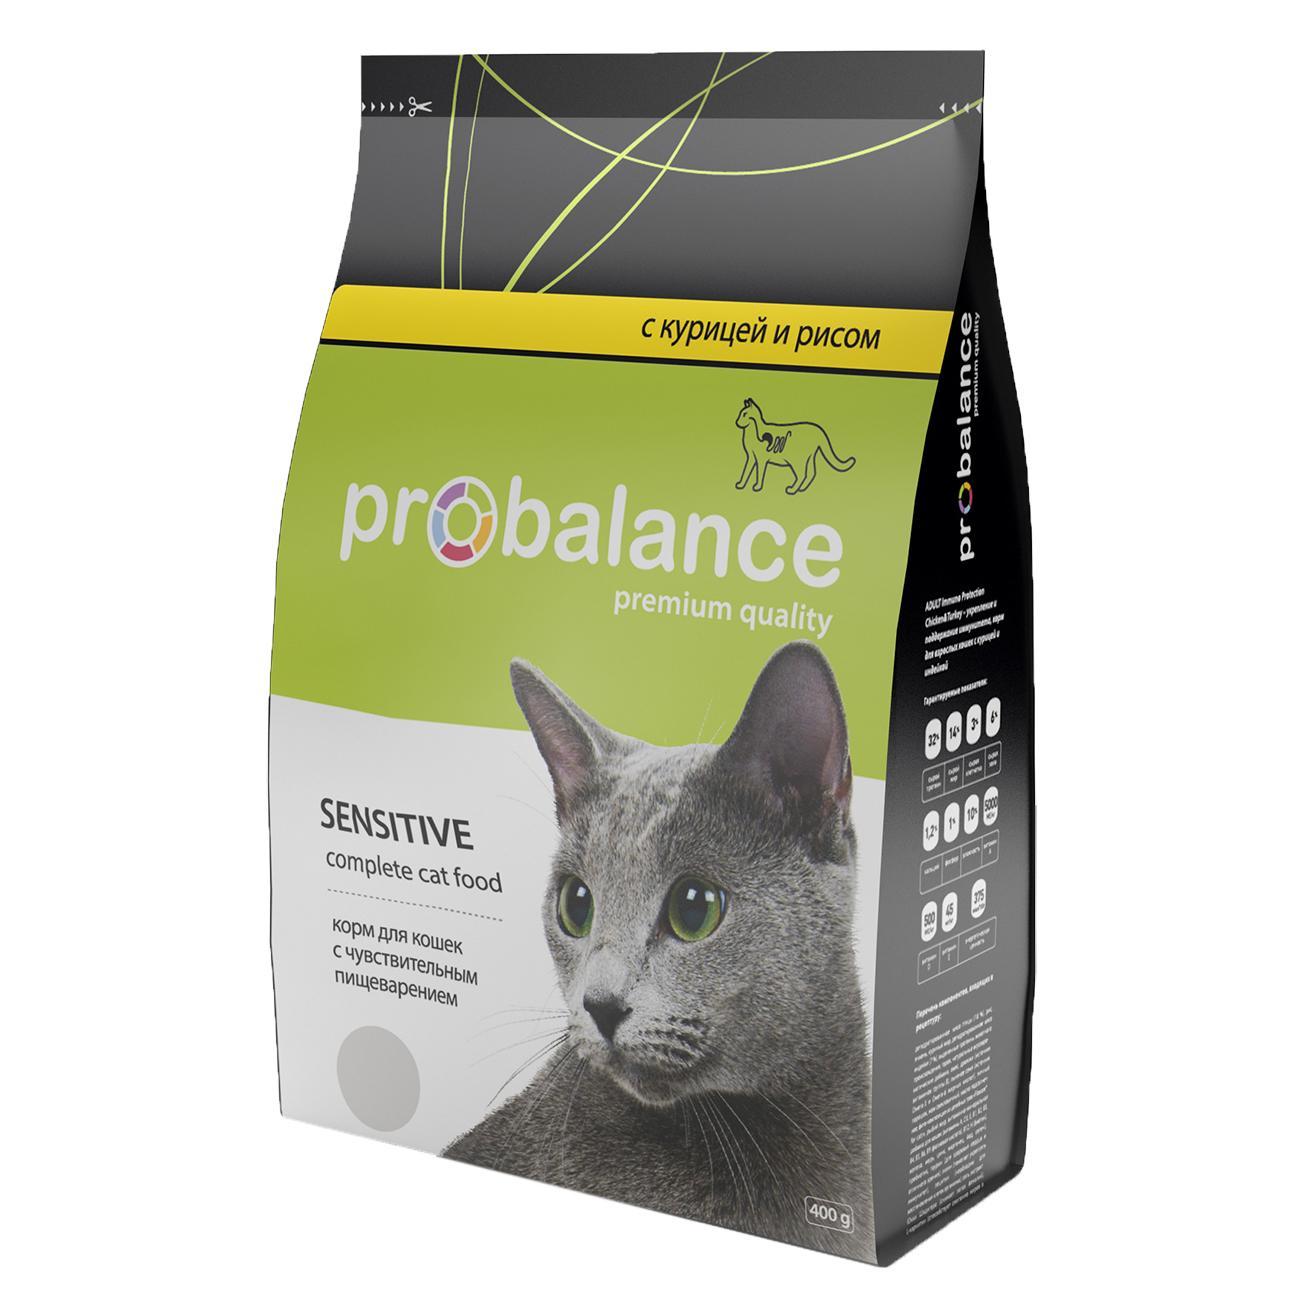 Probalance Сухой корм для кошек с чувствительным пищеварением, с курицей и рисом 38 PB 194, 1,800 кг, 54846